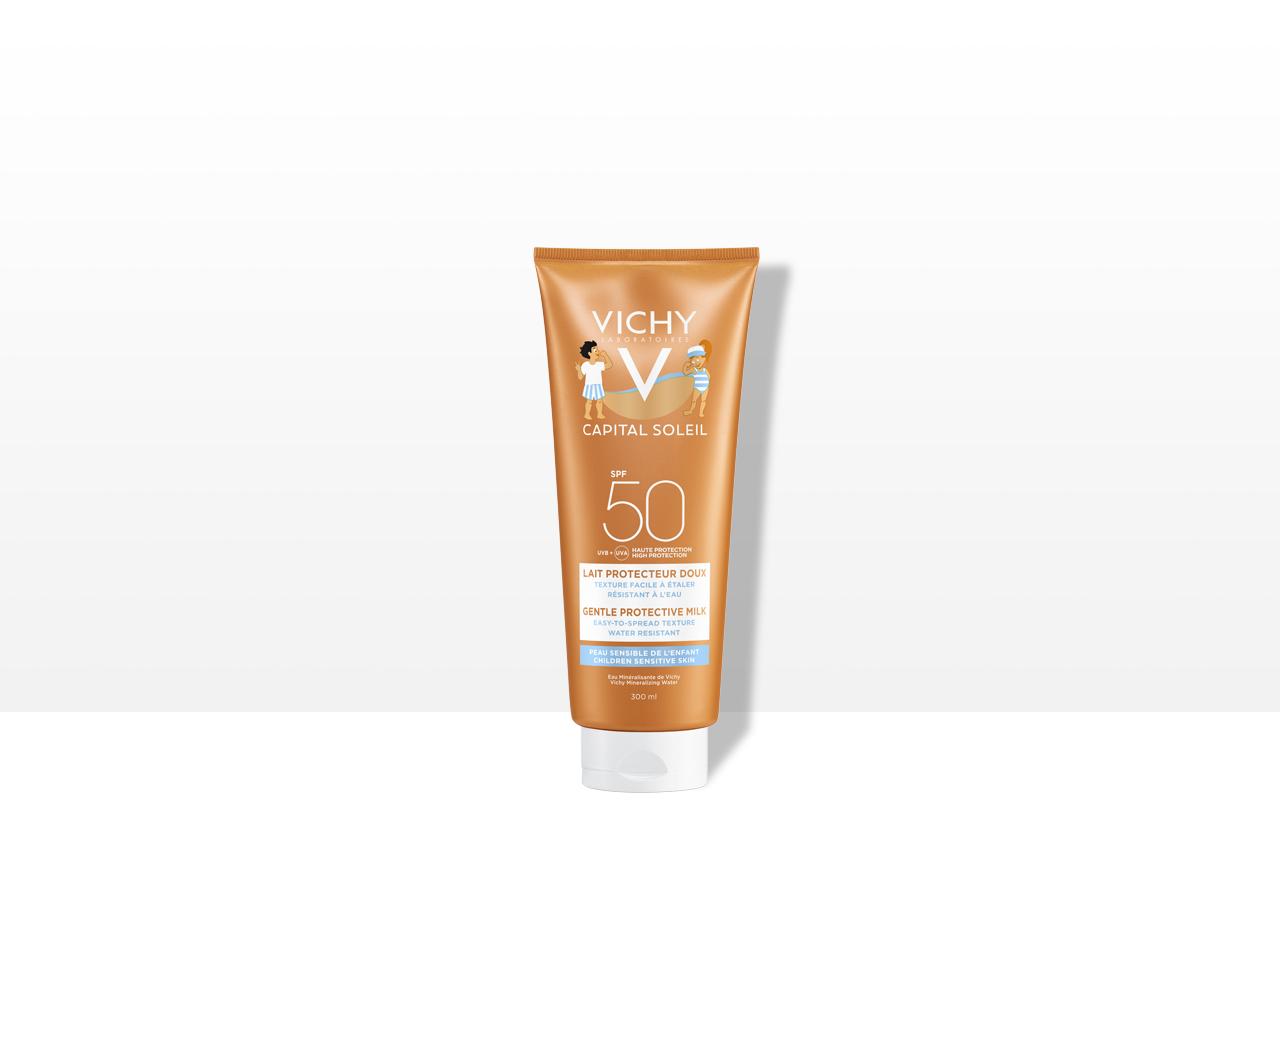 Ochranné mléko pro děti SPF 50 na obličej a tělo